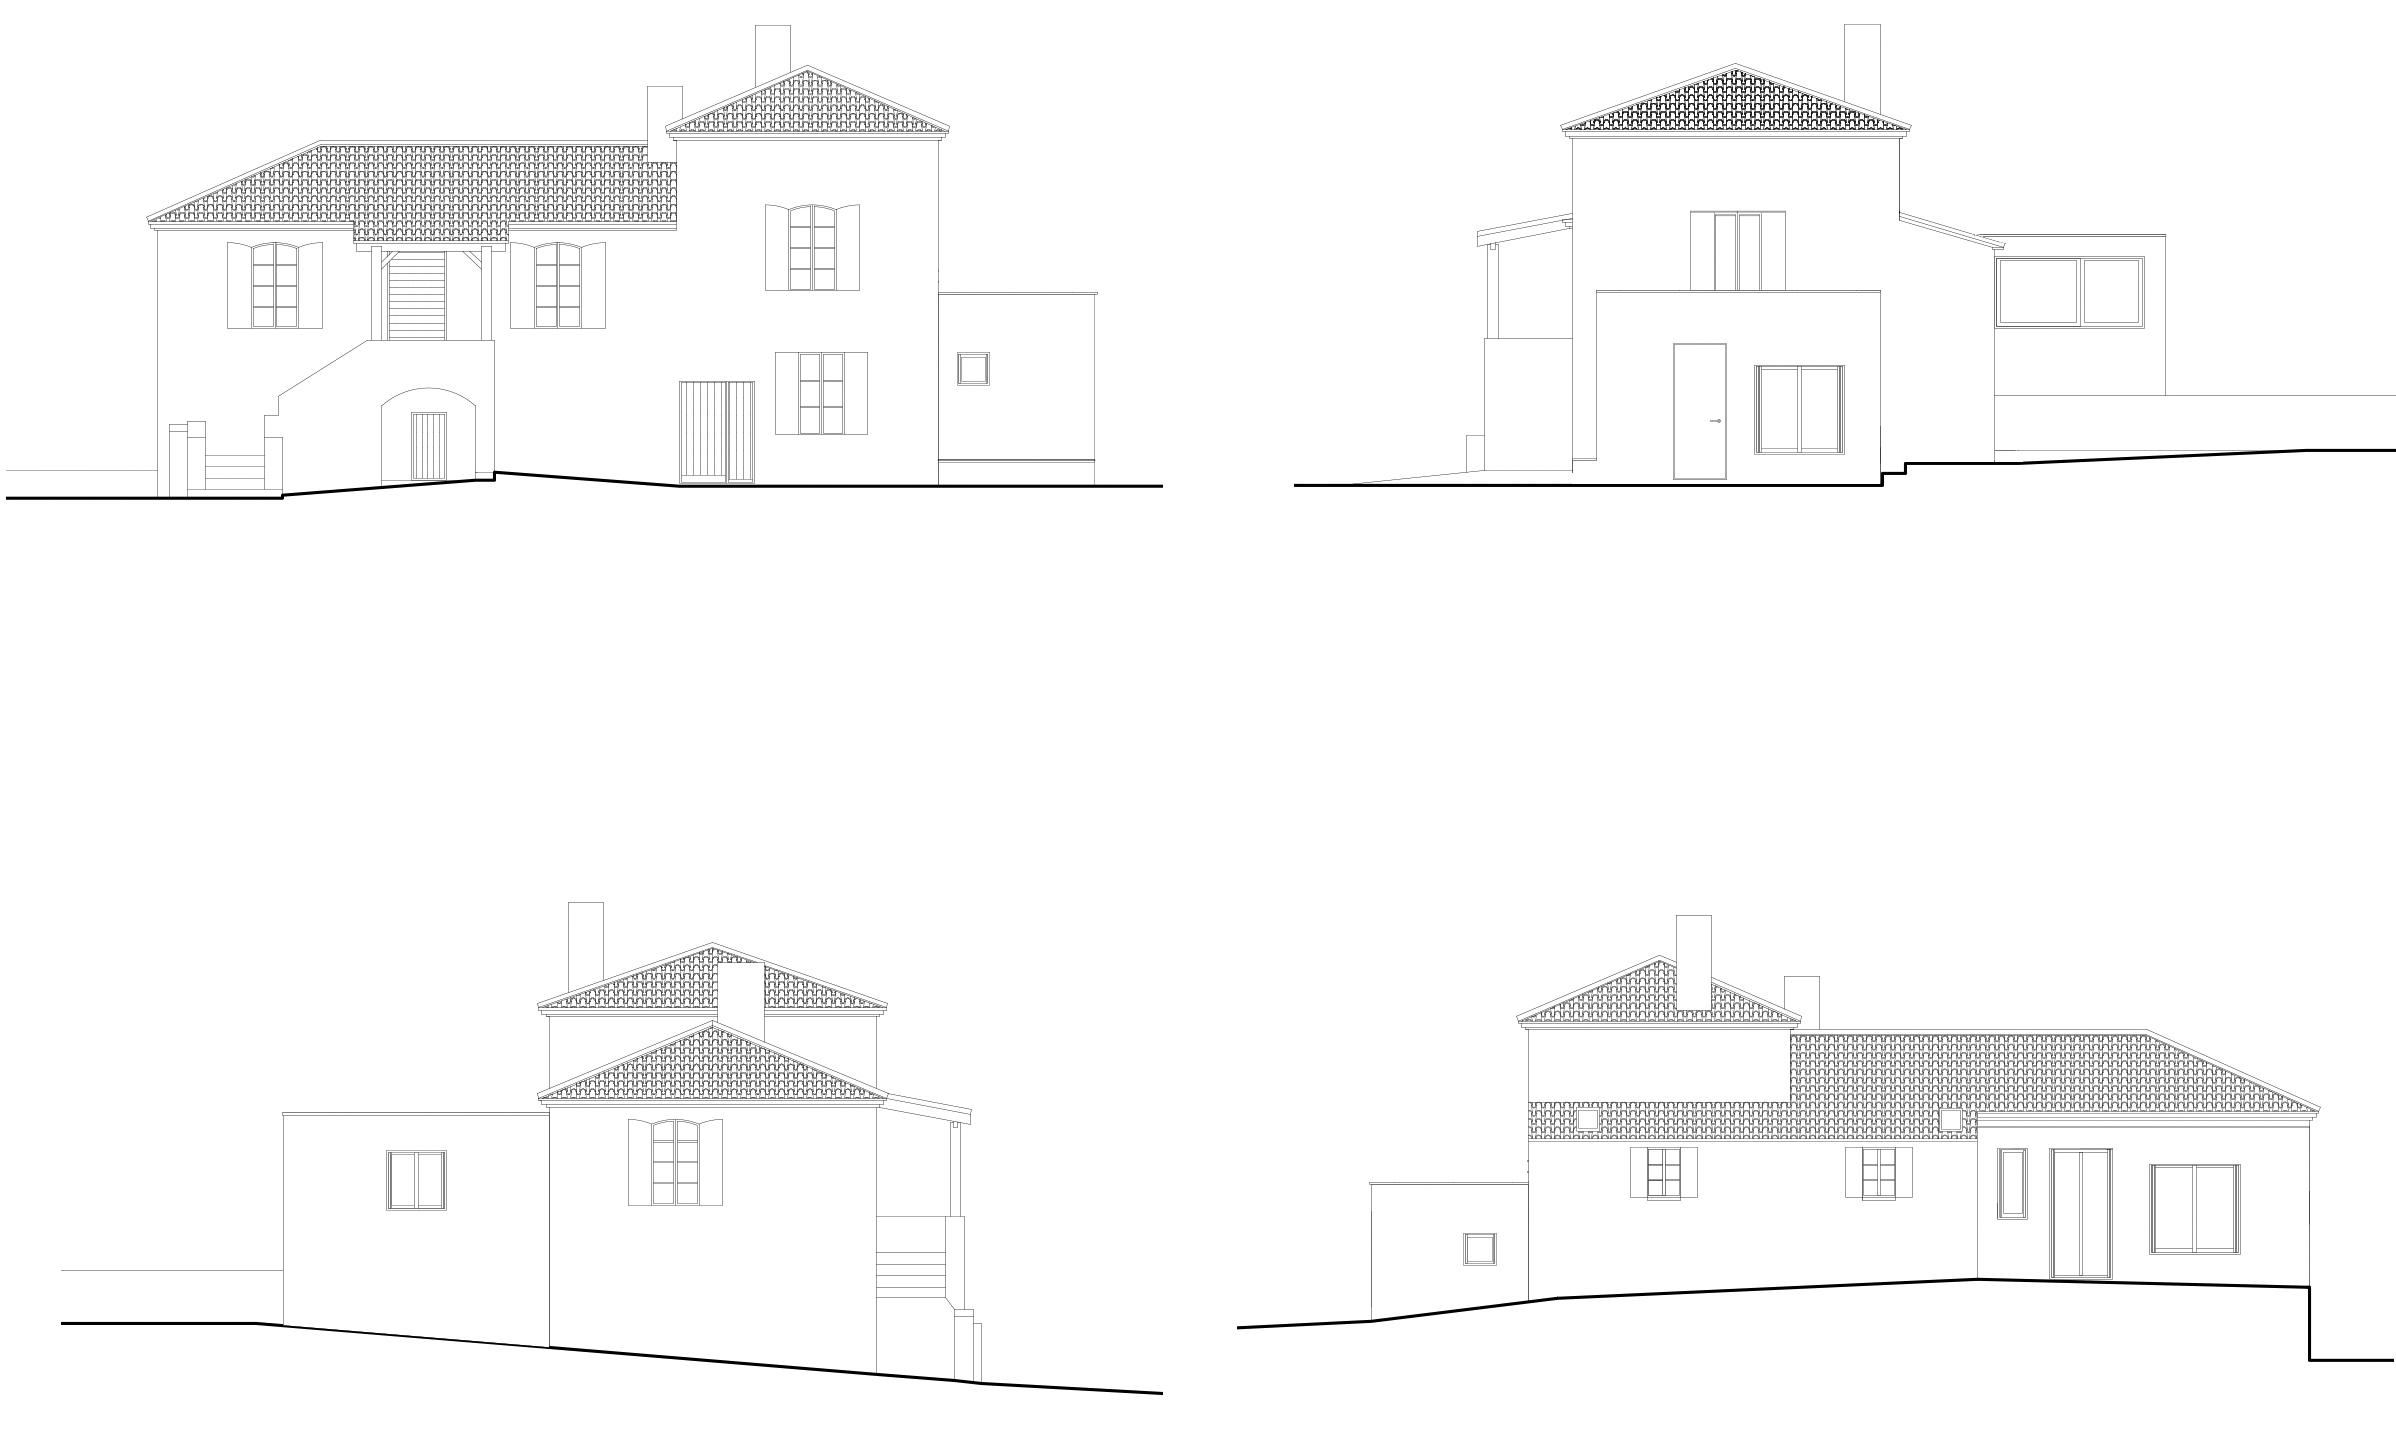 LAC_plan et facades_131118 v2014